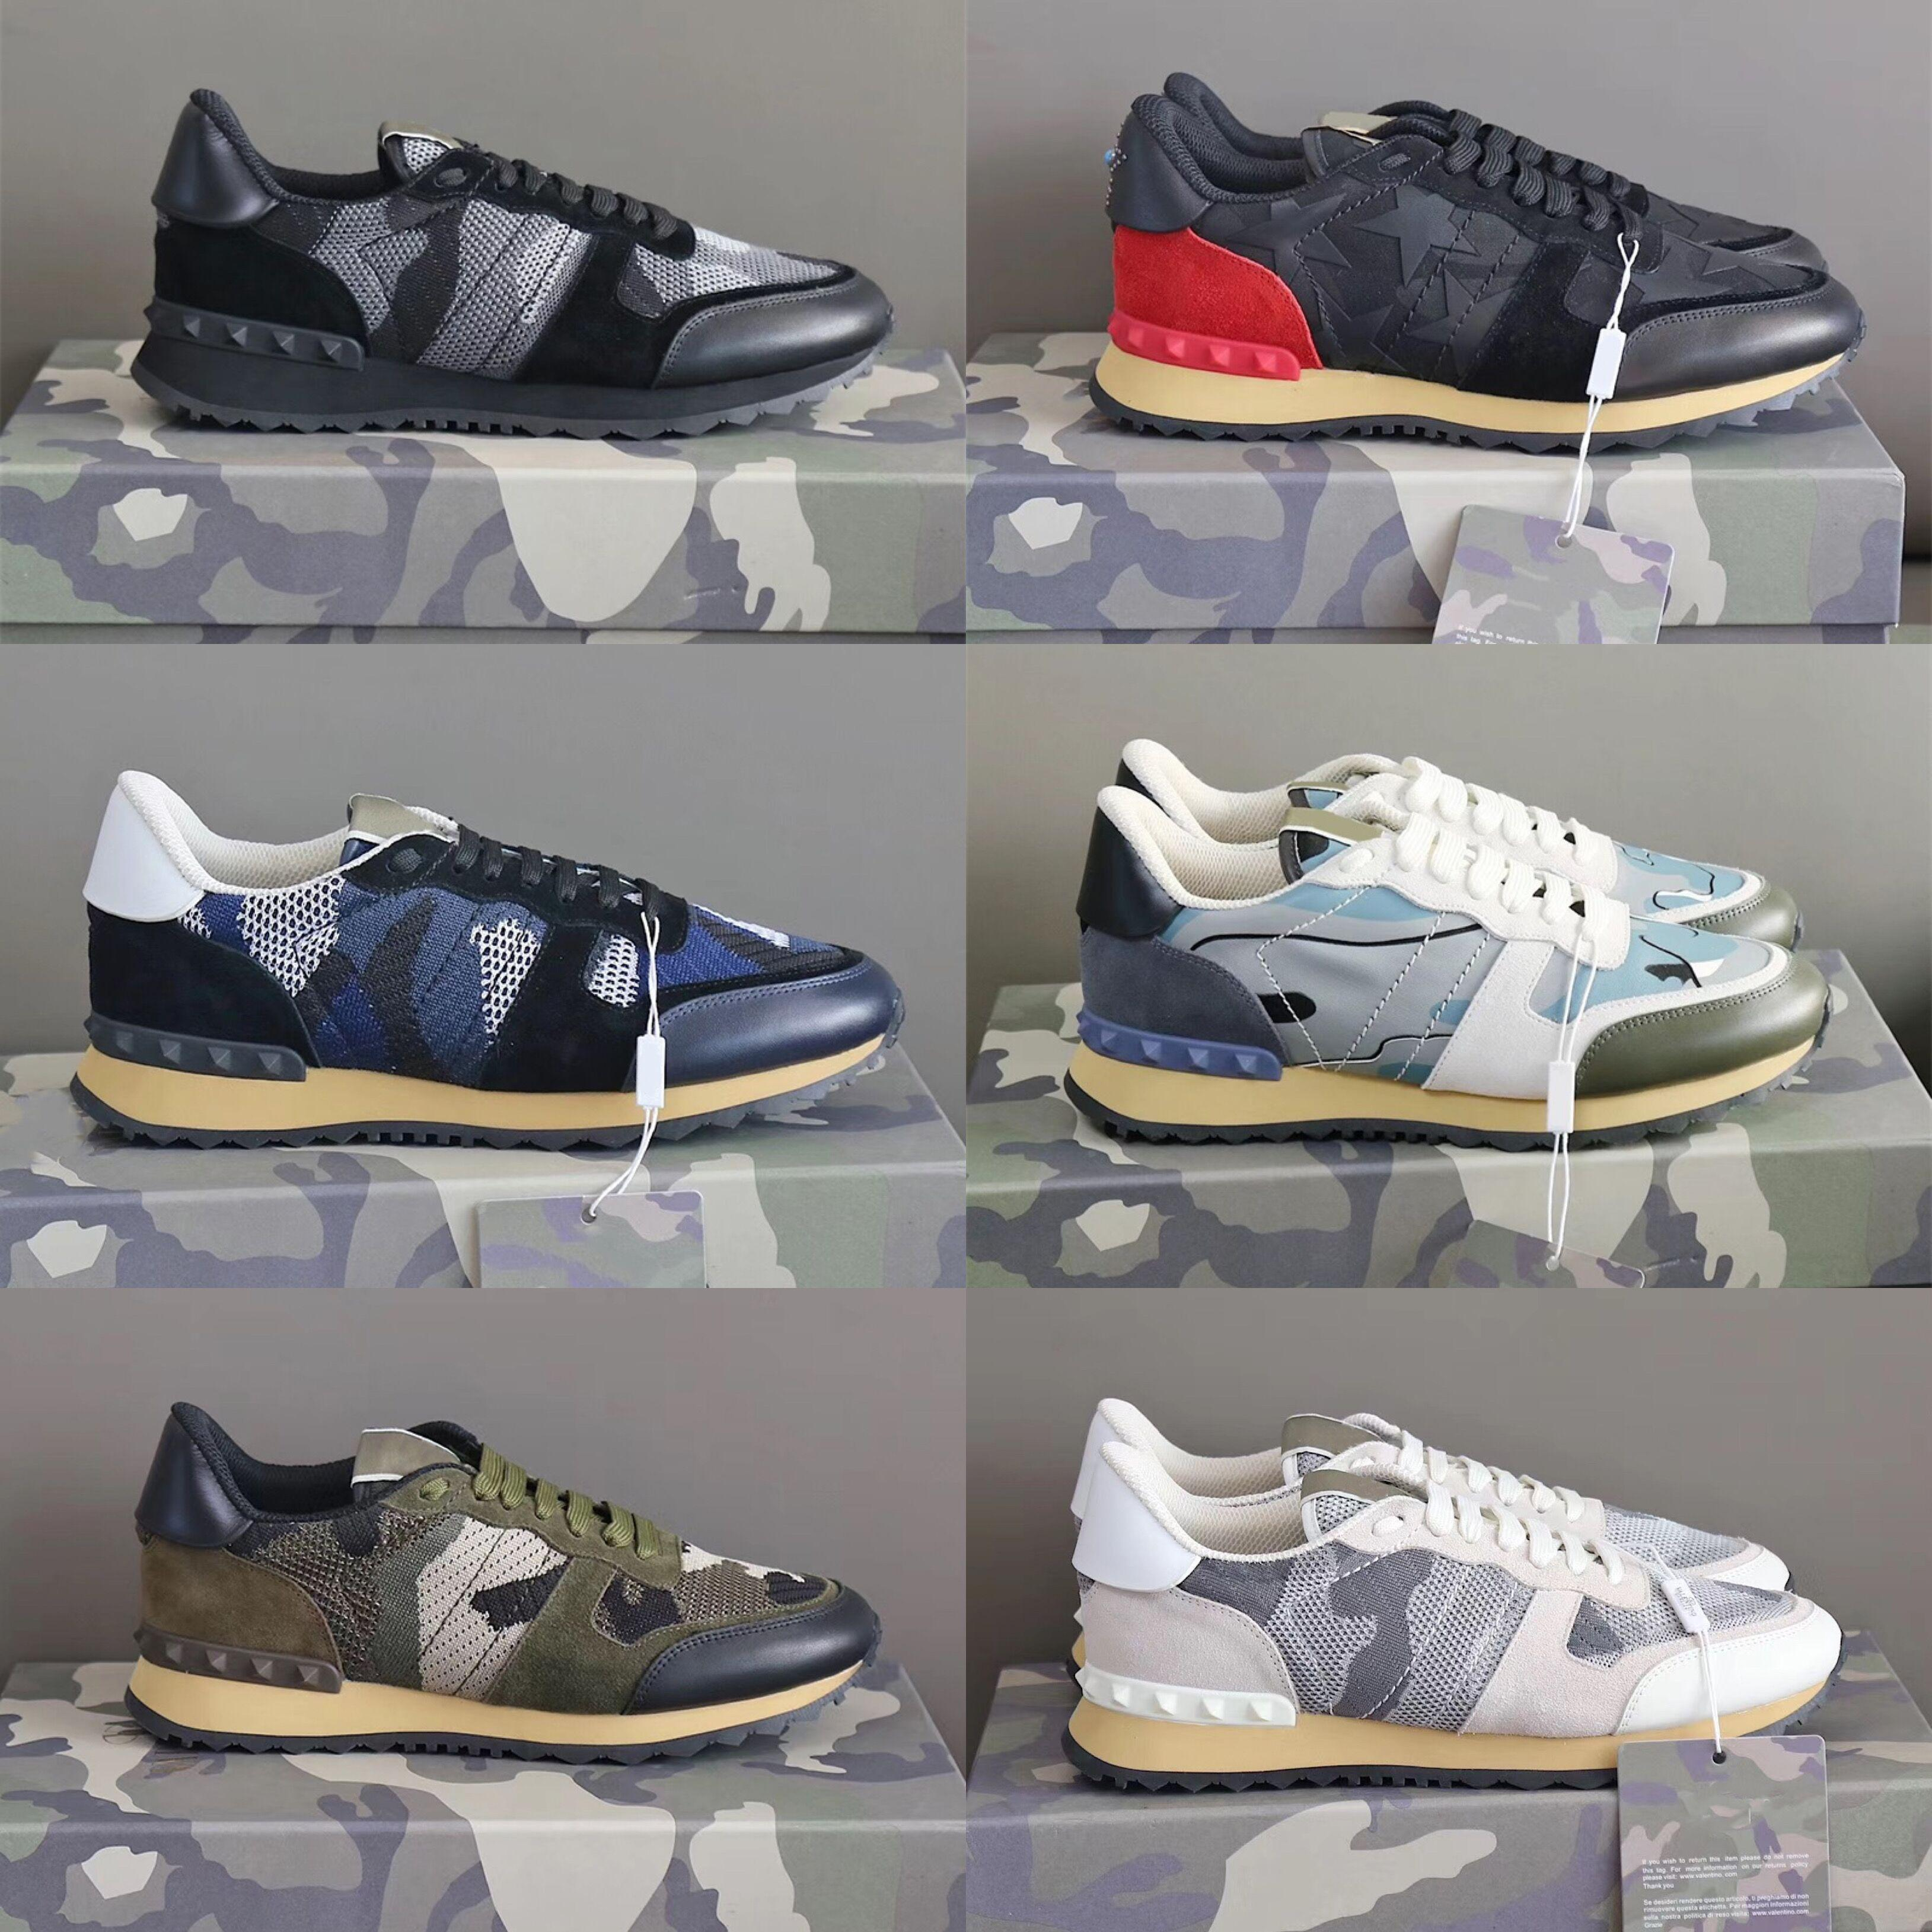 2021 Erkekler Damızlık Rockrunner Kamuflaj Sneakers Tasarımcı Ayakkabı Moda Deri Süet Flats Lüks Rive Rockrunner Eğitmenler Hediye Kutusu ile Rahat Ayakkabılar 264